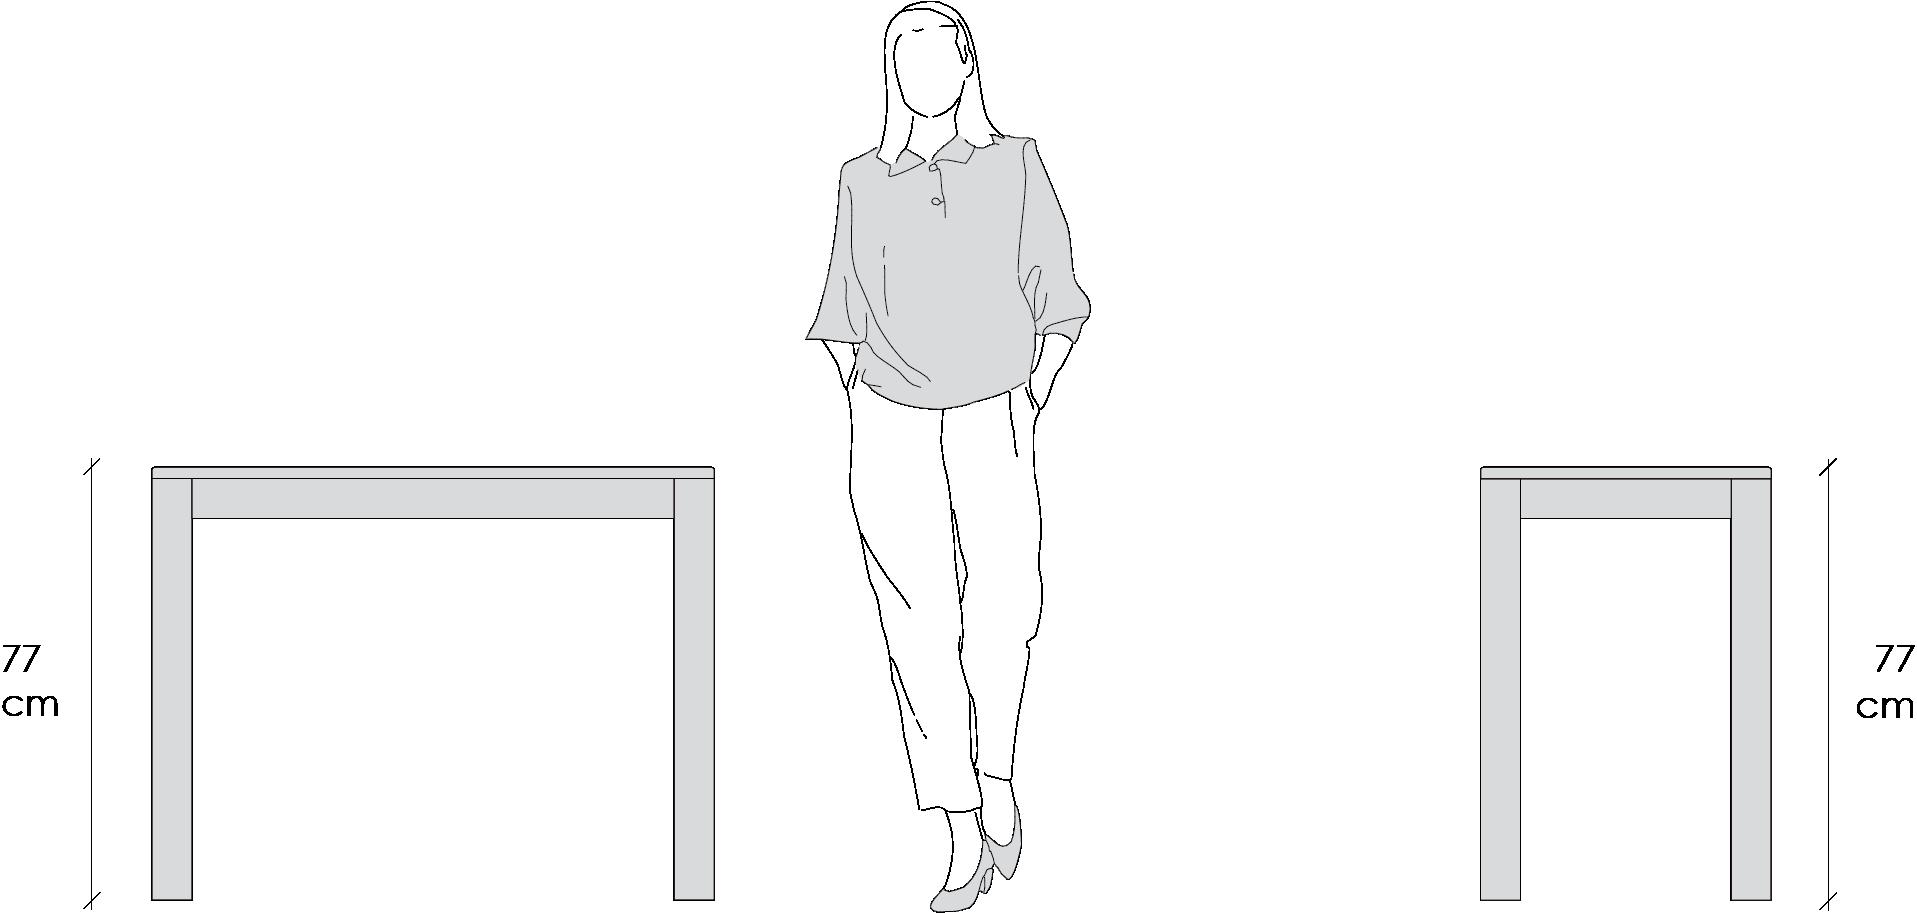 Dimensioni Tavolo Quadrato Per 4 Persone.Consolle Allungabile Lg Lesmo